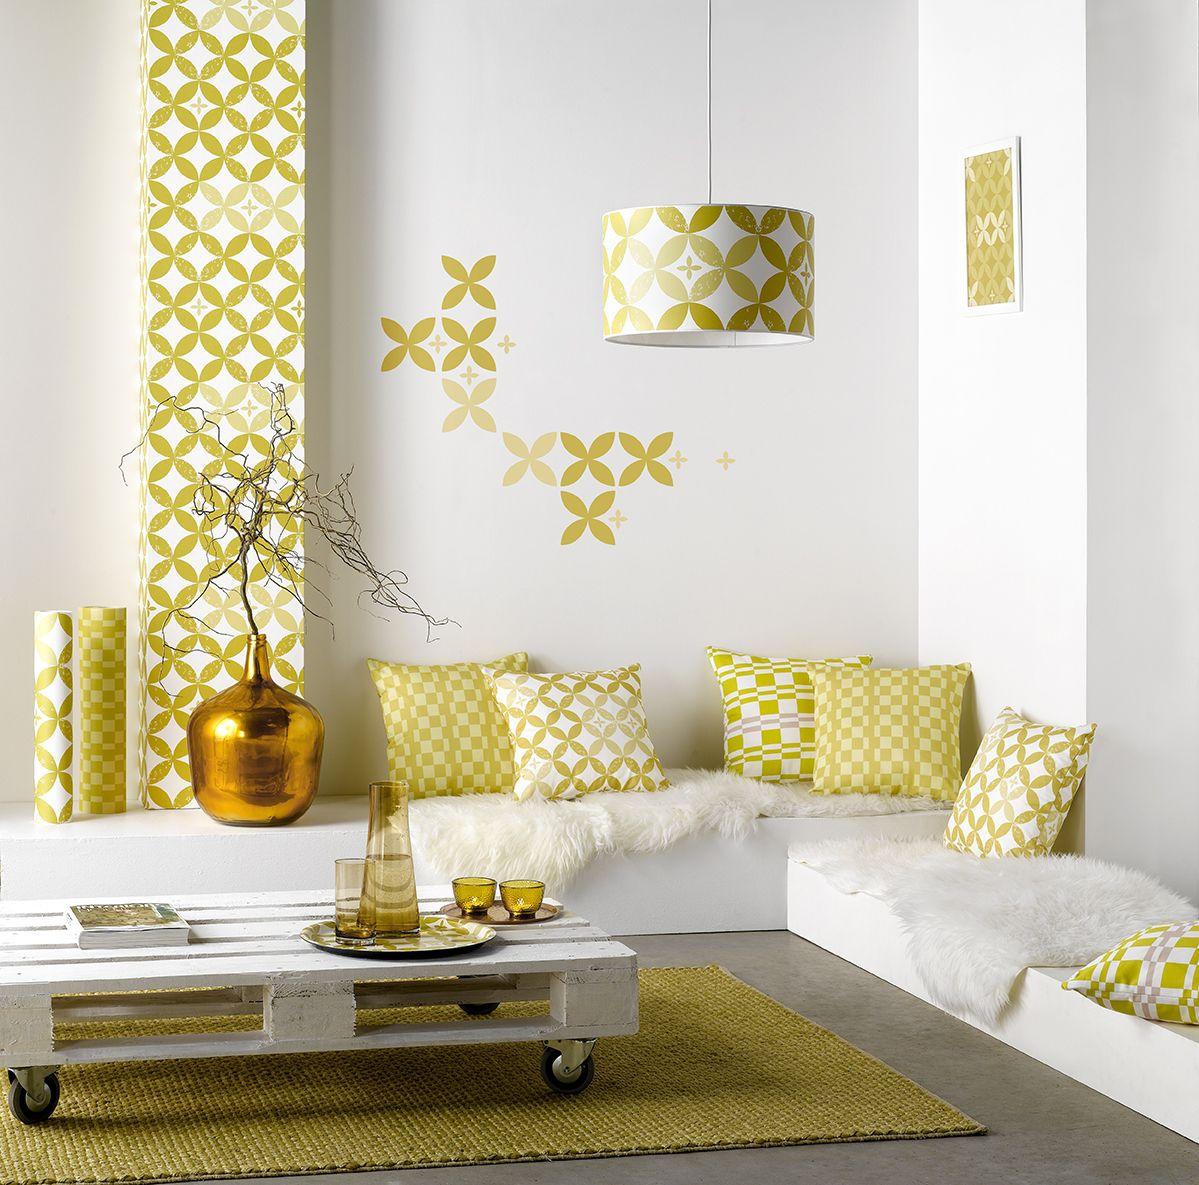 obr.01_bonami_tapeta-visionary-mustard-1699-k_18194185080_o.jpg